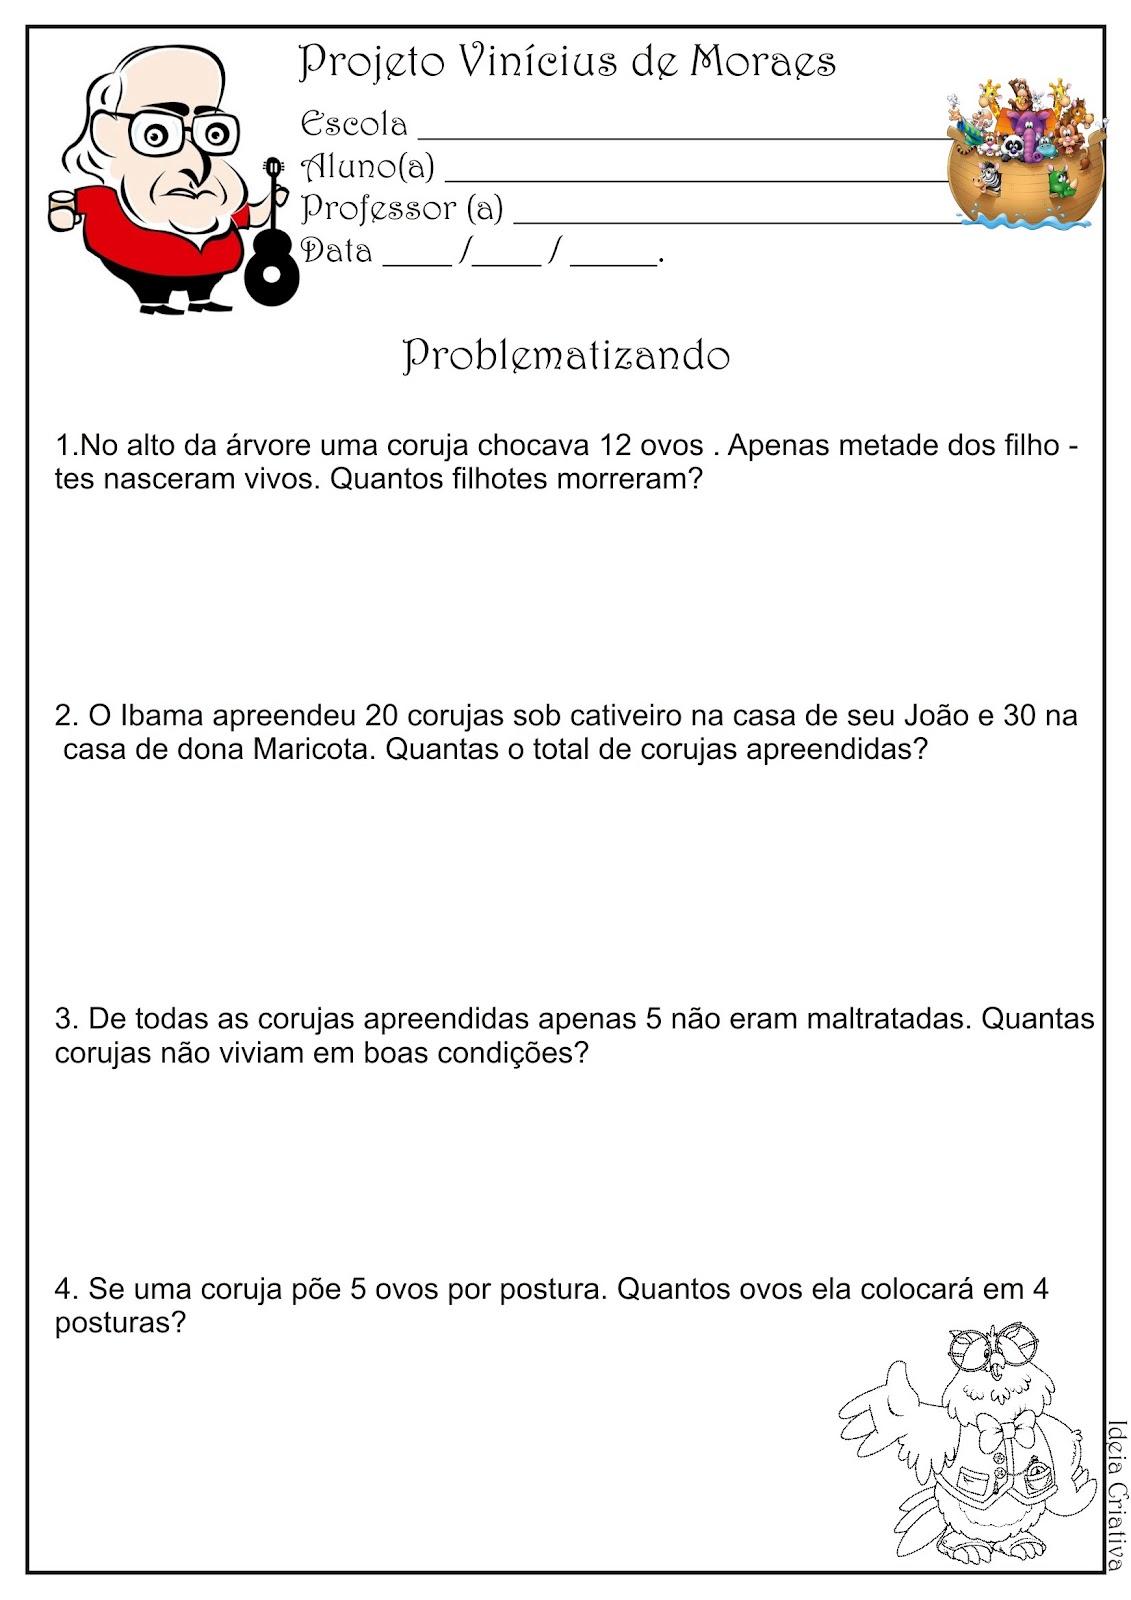 Atividade+Projeto+Vin%C3%ADcius+de+Moraes+Ideia+Criativa+(6) Projeto Vinícus de Moraes